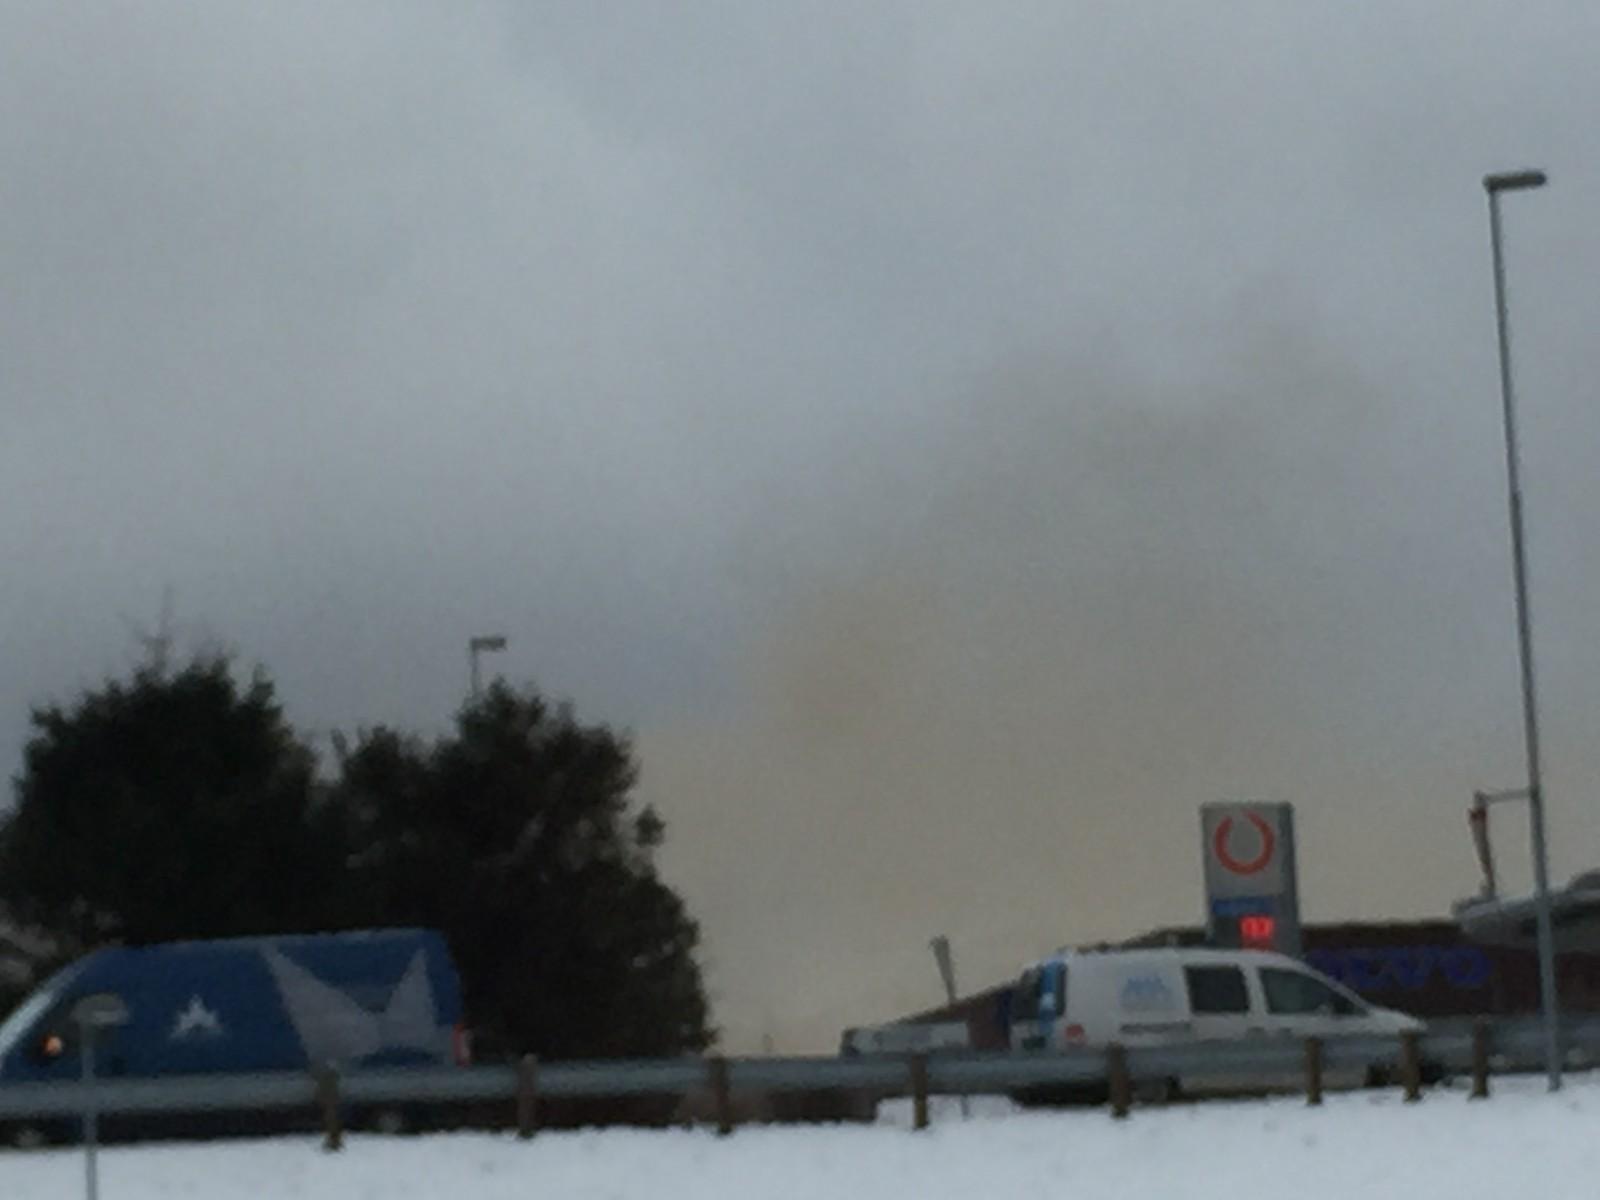 Røykutvikling Breivika, Ålesund